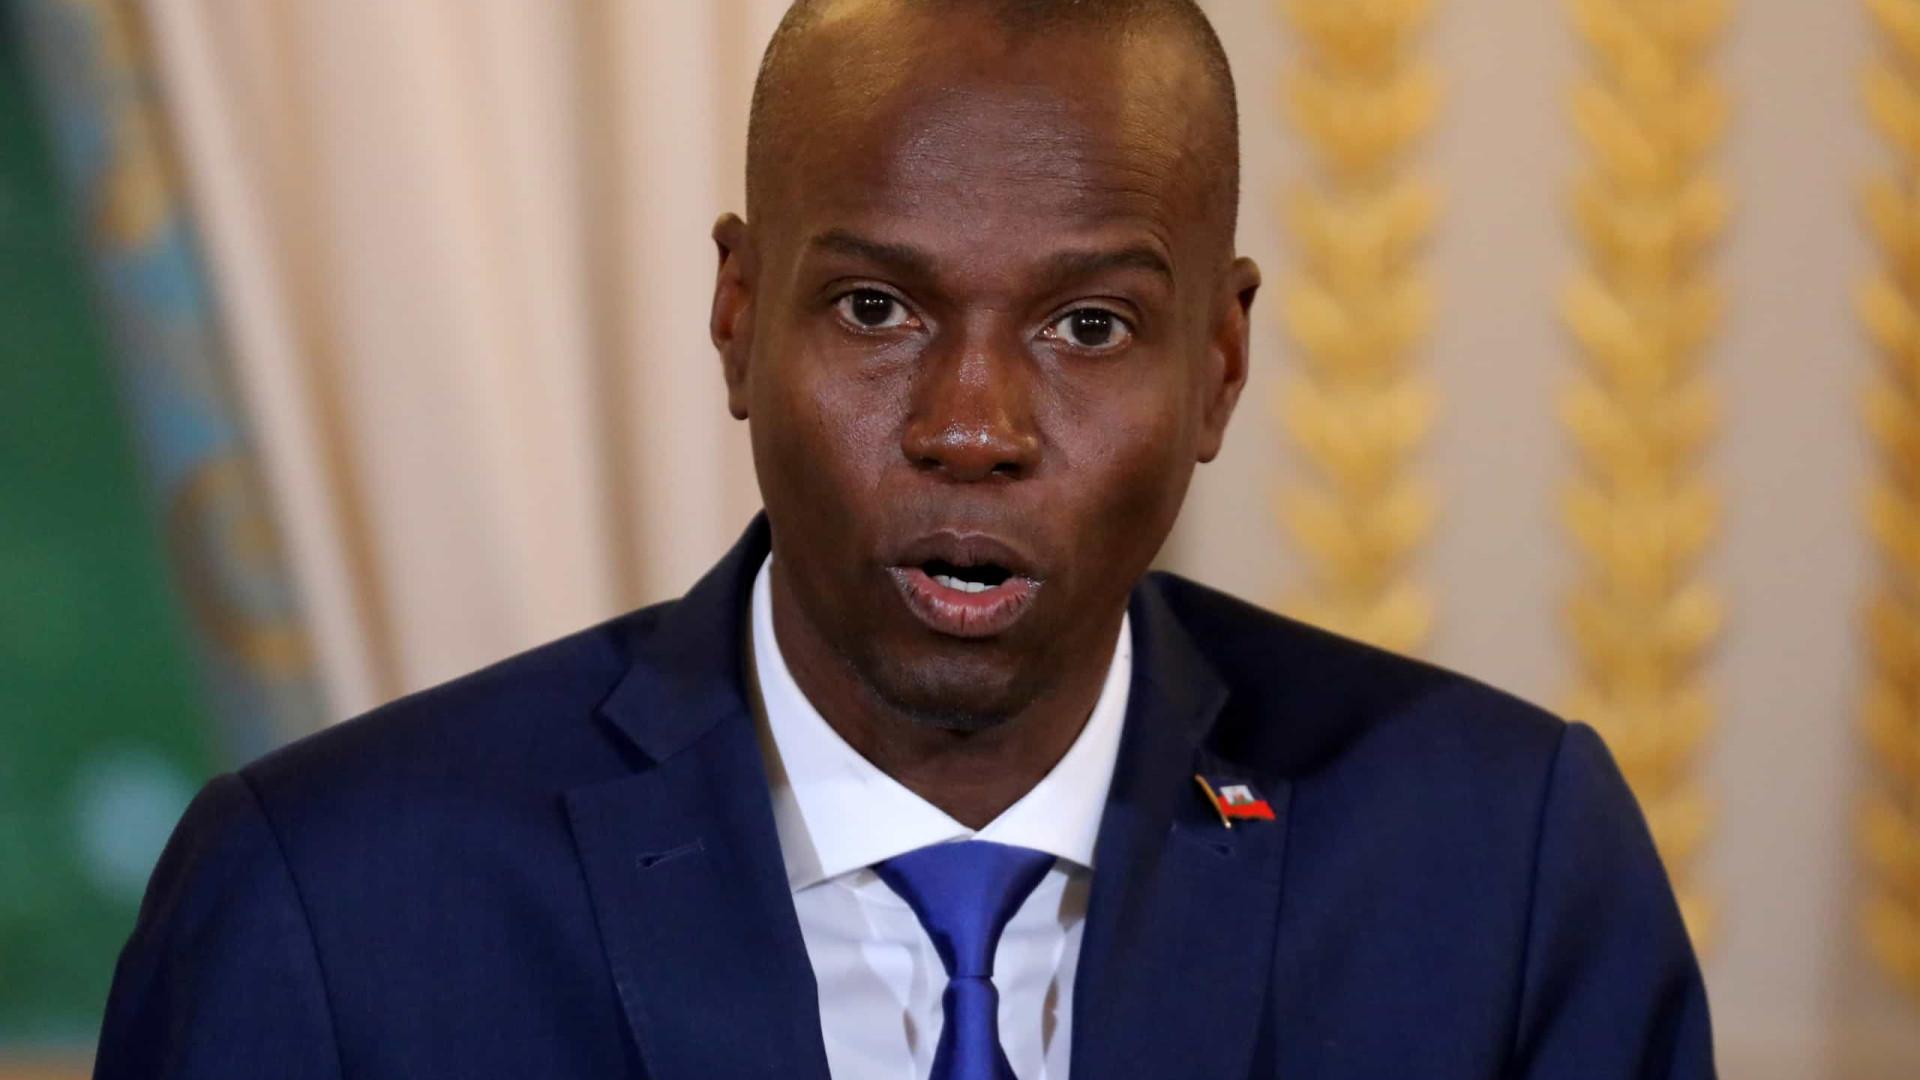 Viúva de presidente do Haiti volta ao país com colete à prova de balas